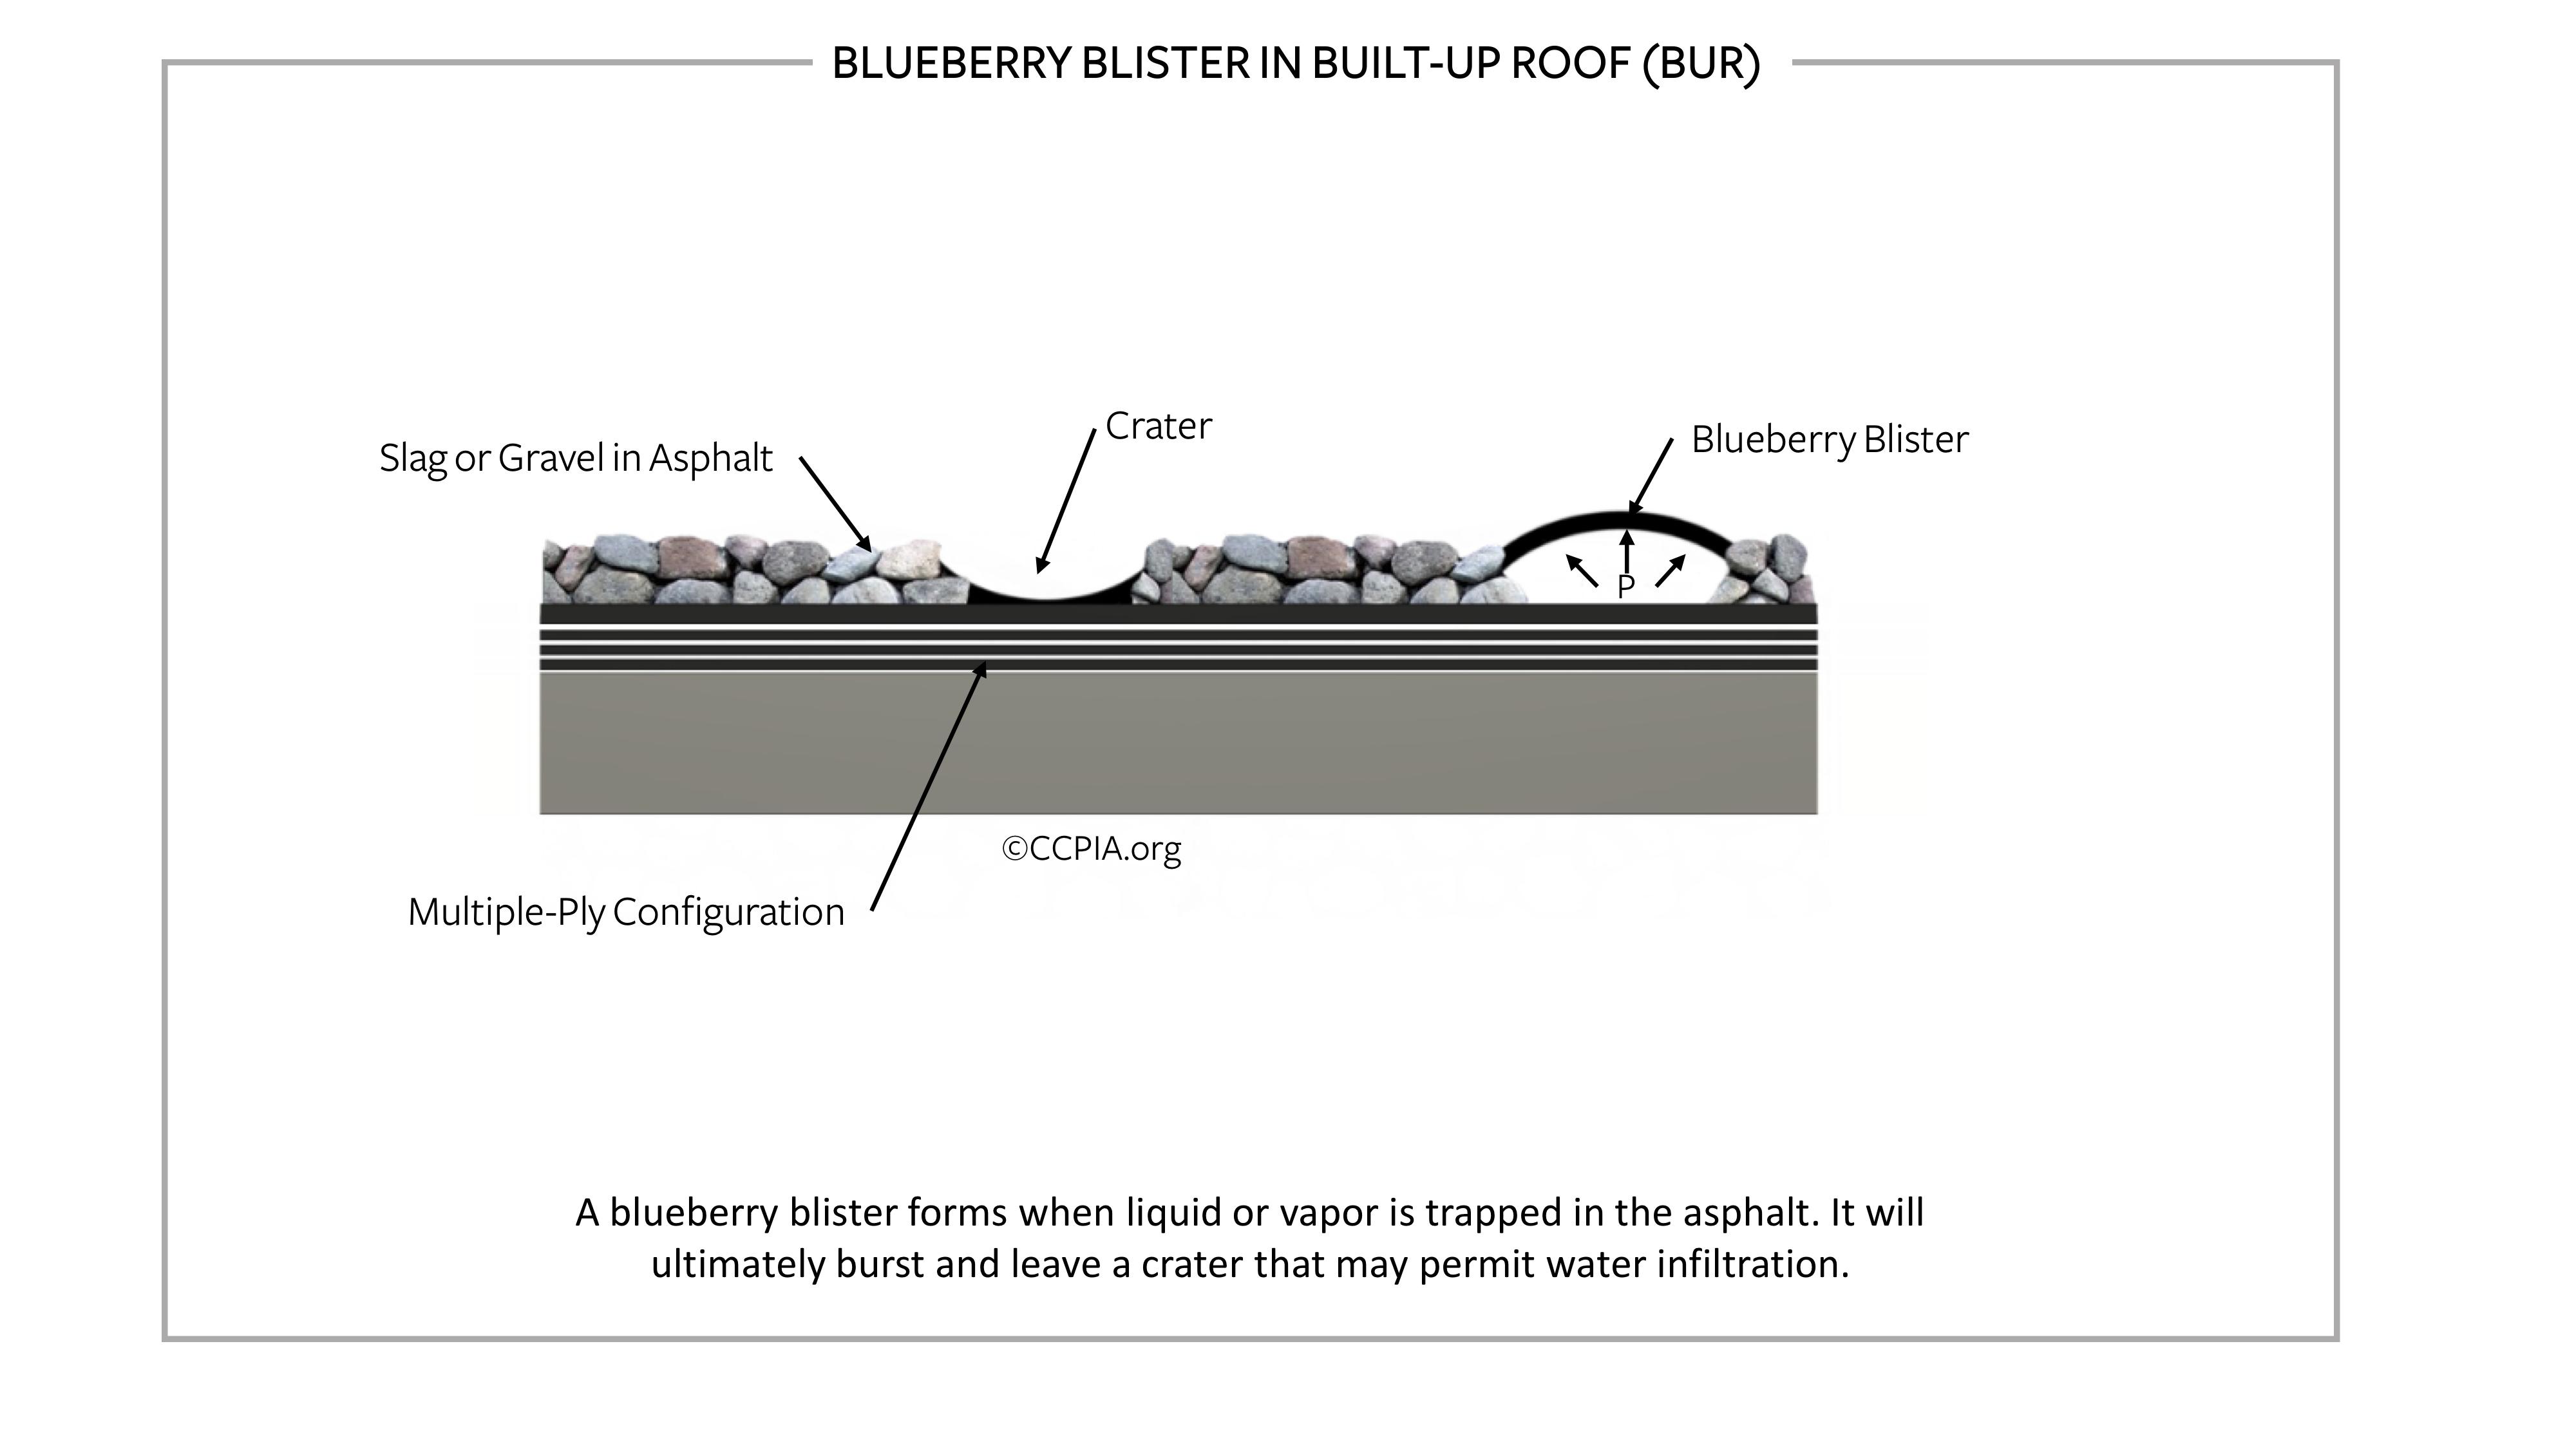 Blueberry blister in built-up roof (BUR).